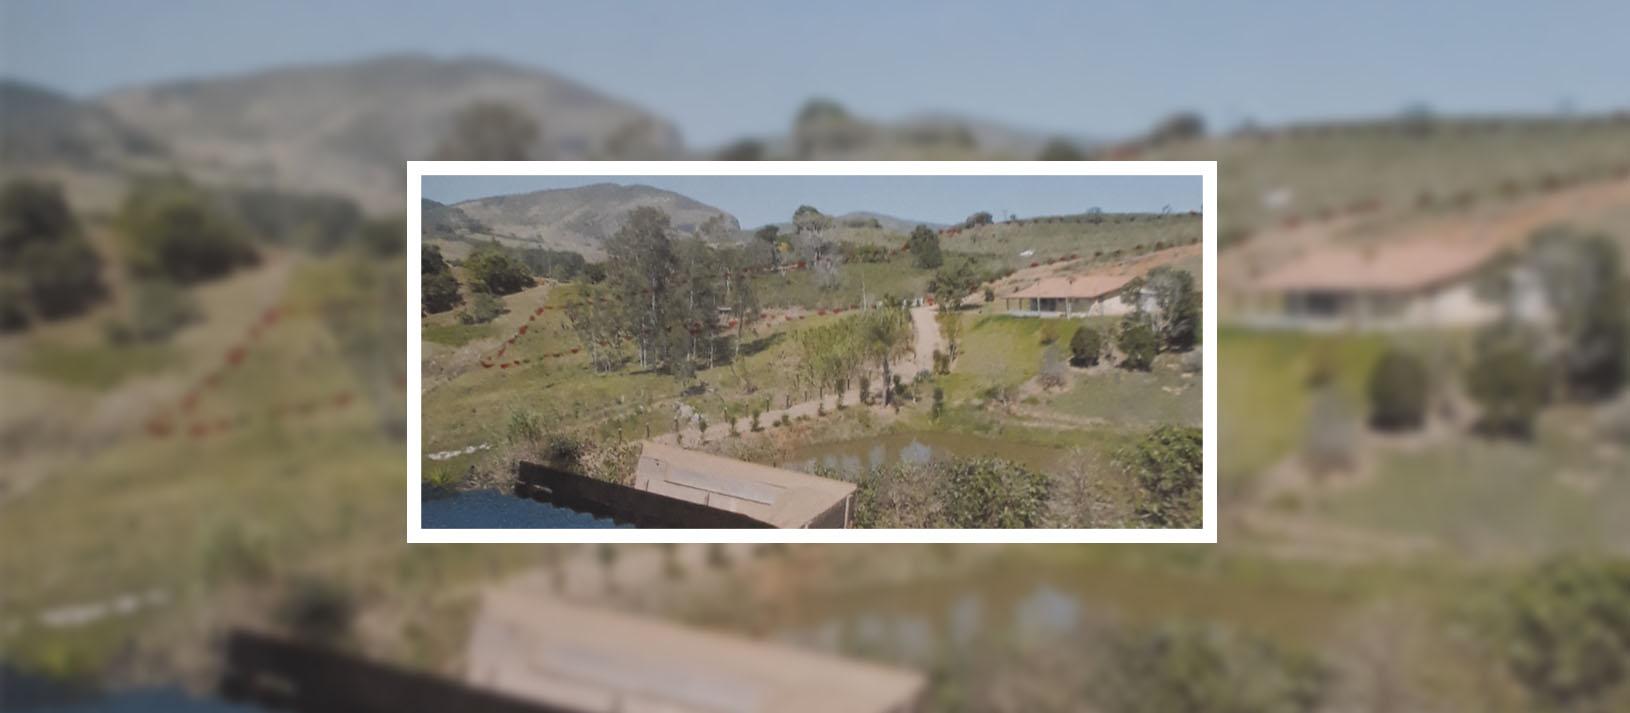 Leilão de Imóvel Rural em Minas Gerais: Preparado para plantio de café